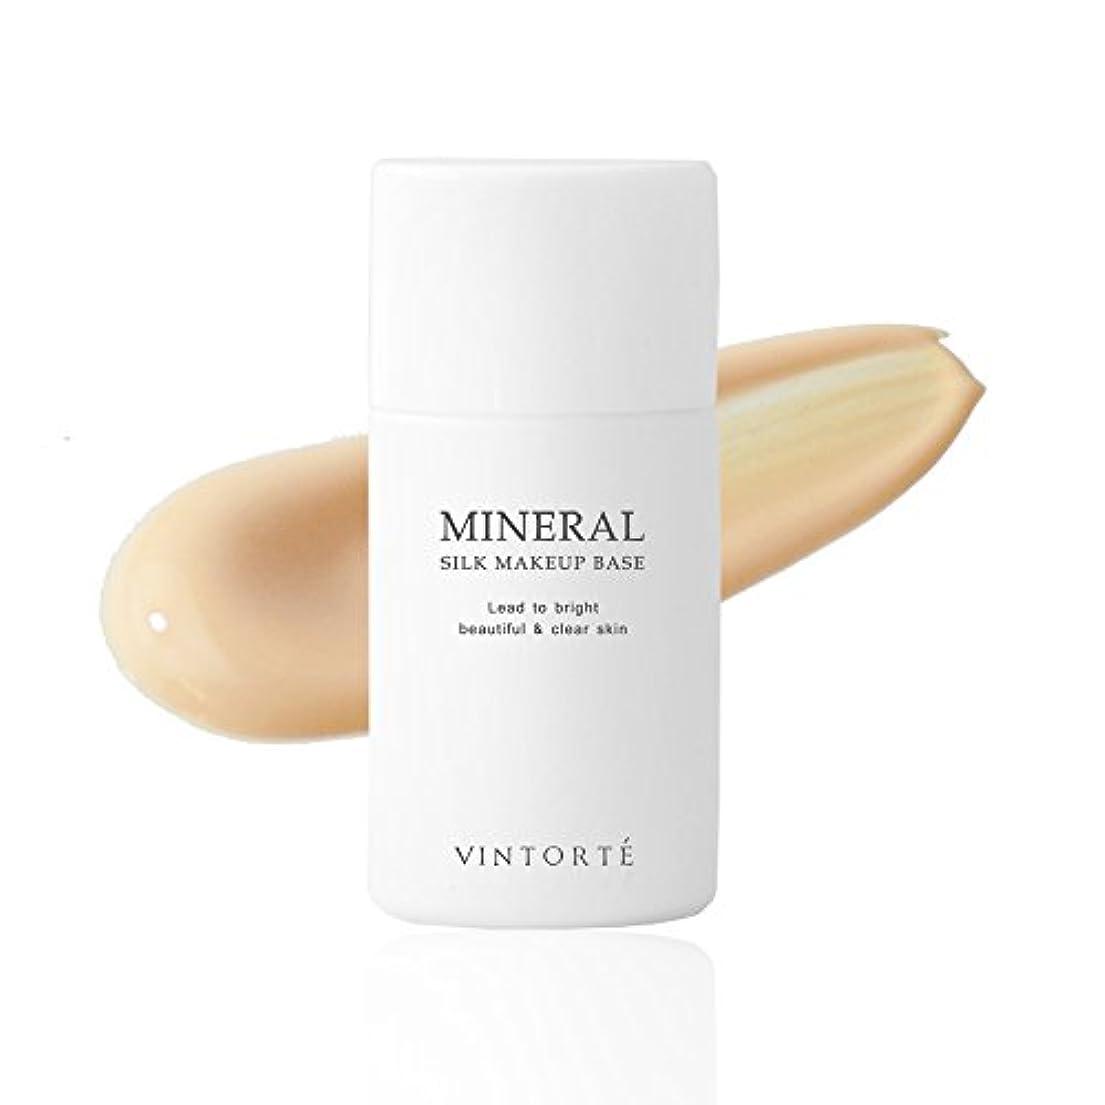 製品体細胞リルVINTORTE ミネラル シルク メイクアップベース ヴァントルテ 化粧下地 CC クリーム ベースメイク #01 v_mmb2-1